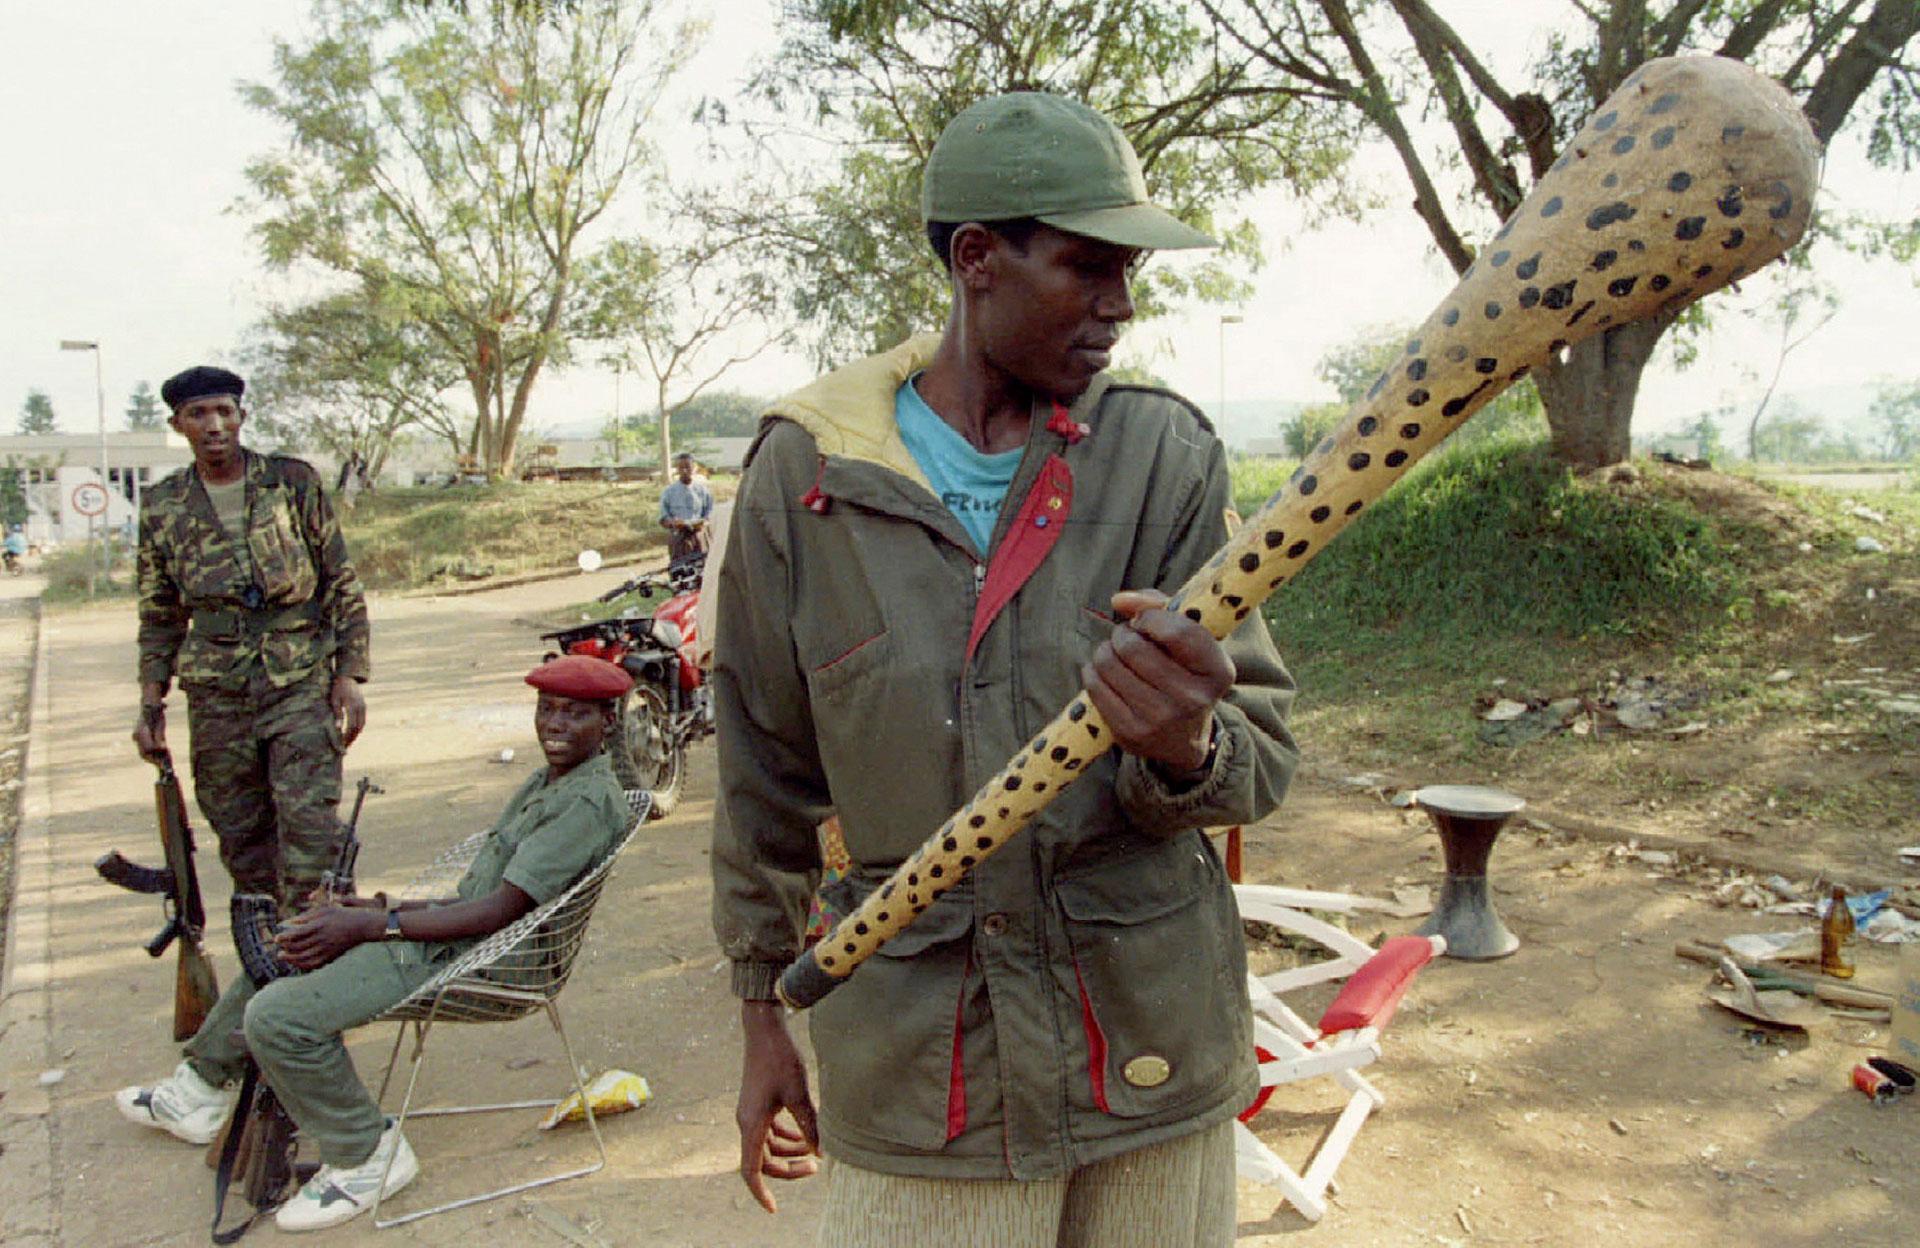 Un soldado del Frente Patriótico Ruandés examina un palo cubierto de clavos, una de las armas utilizadas por los genocidas en las zonas rurales (Reuters)